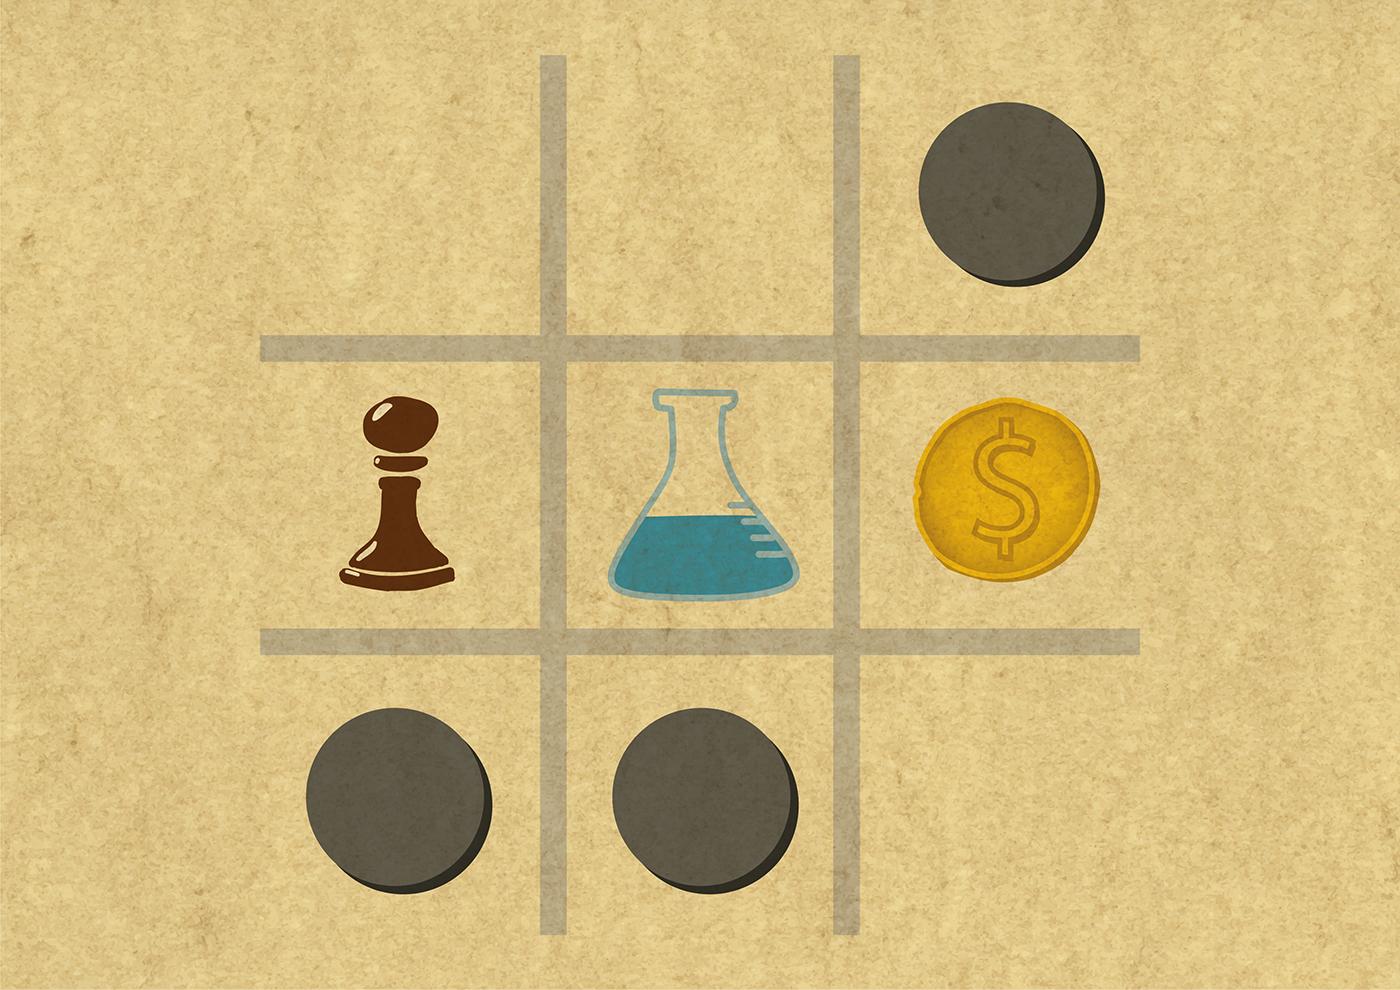 Ciencia y filantropia alineados con las personas